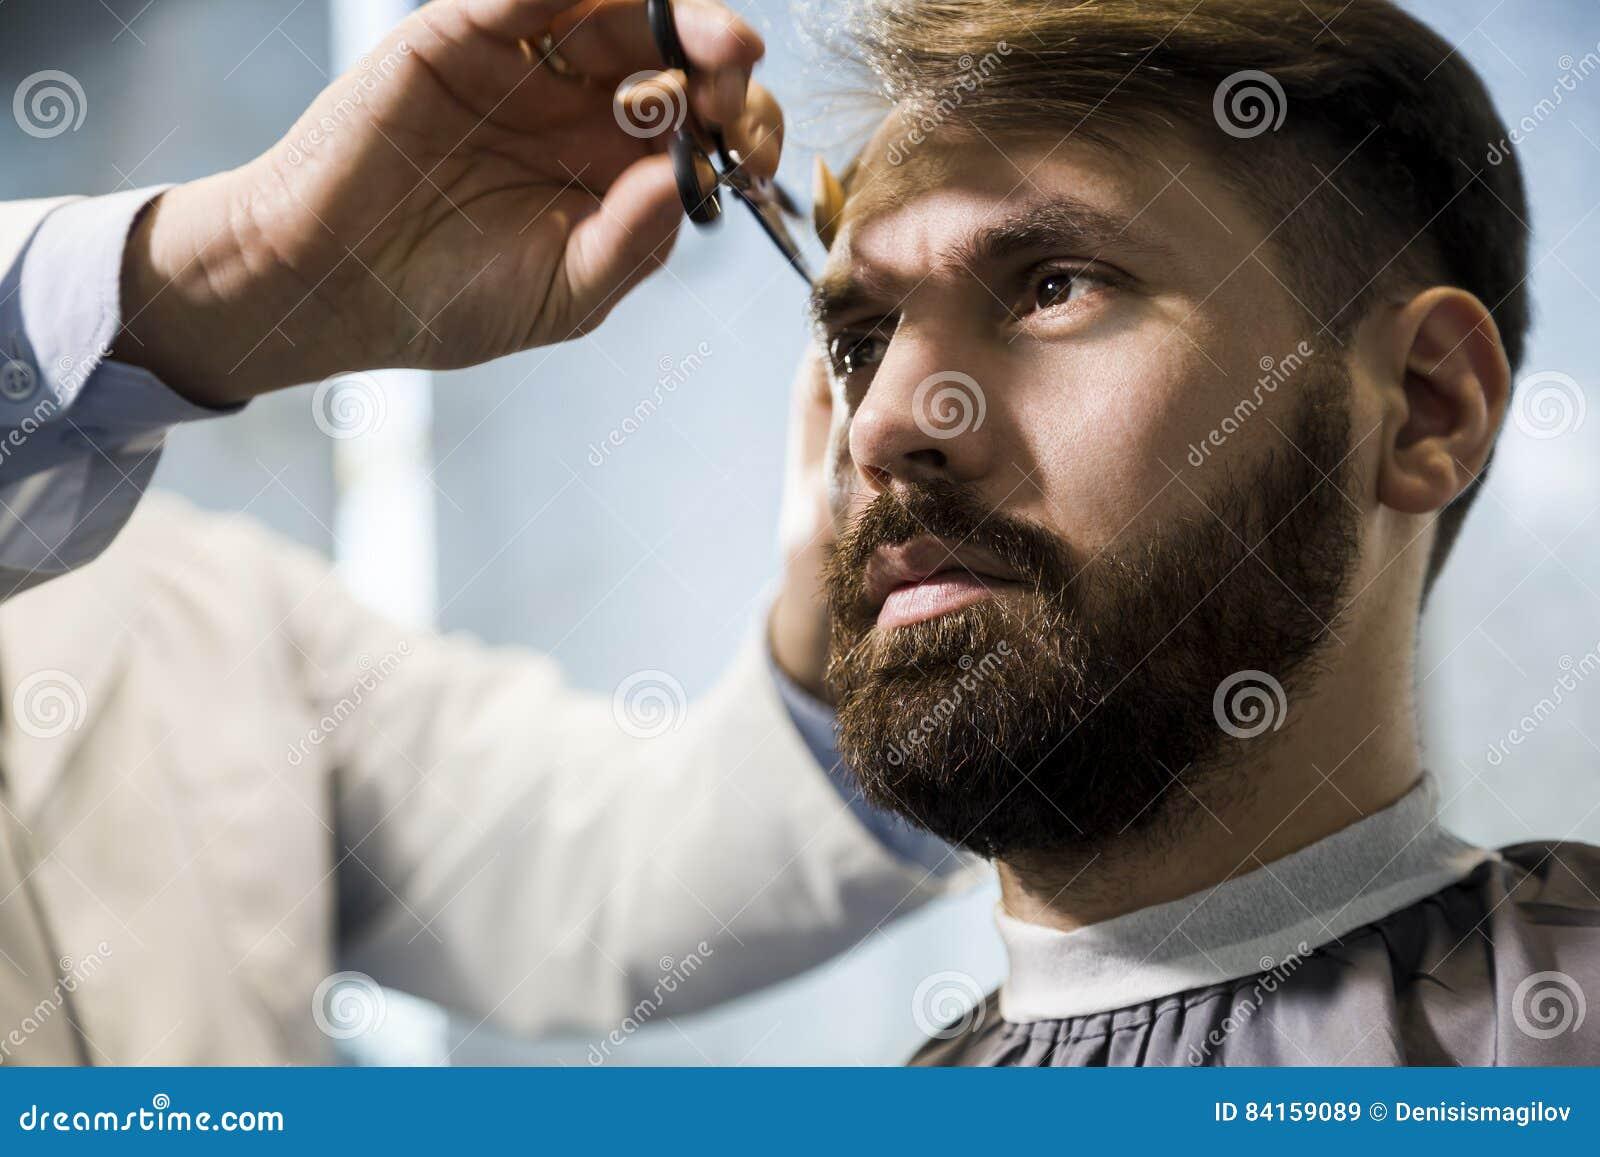 Business man haircut